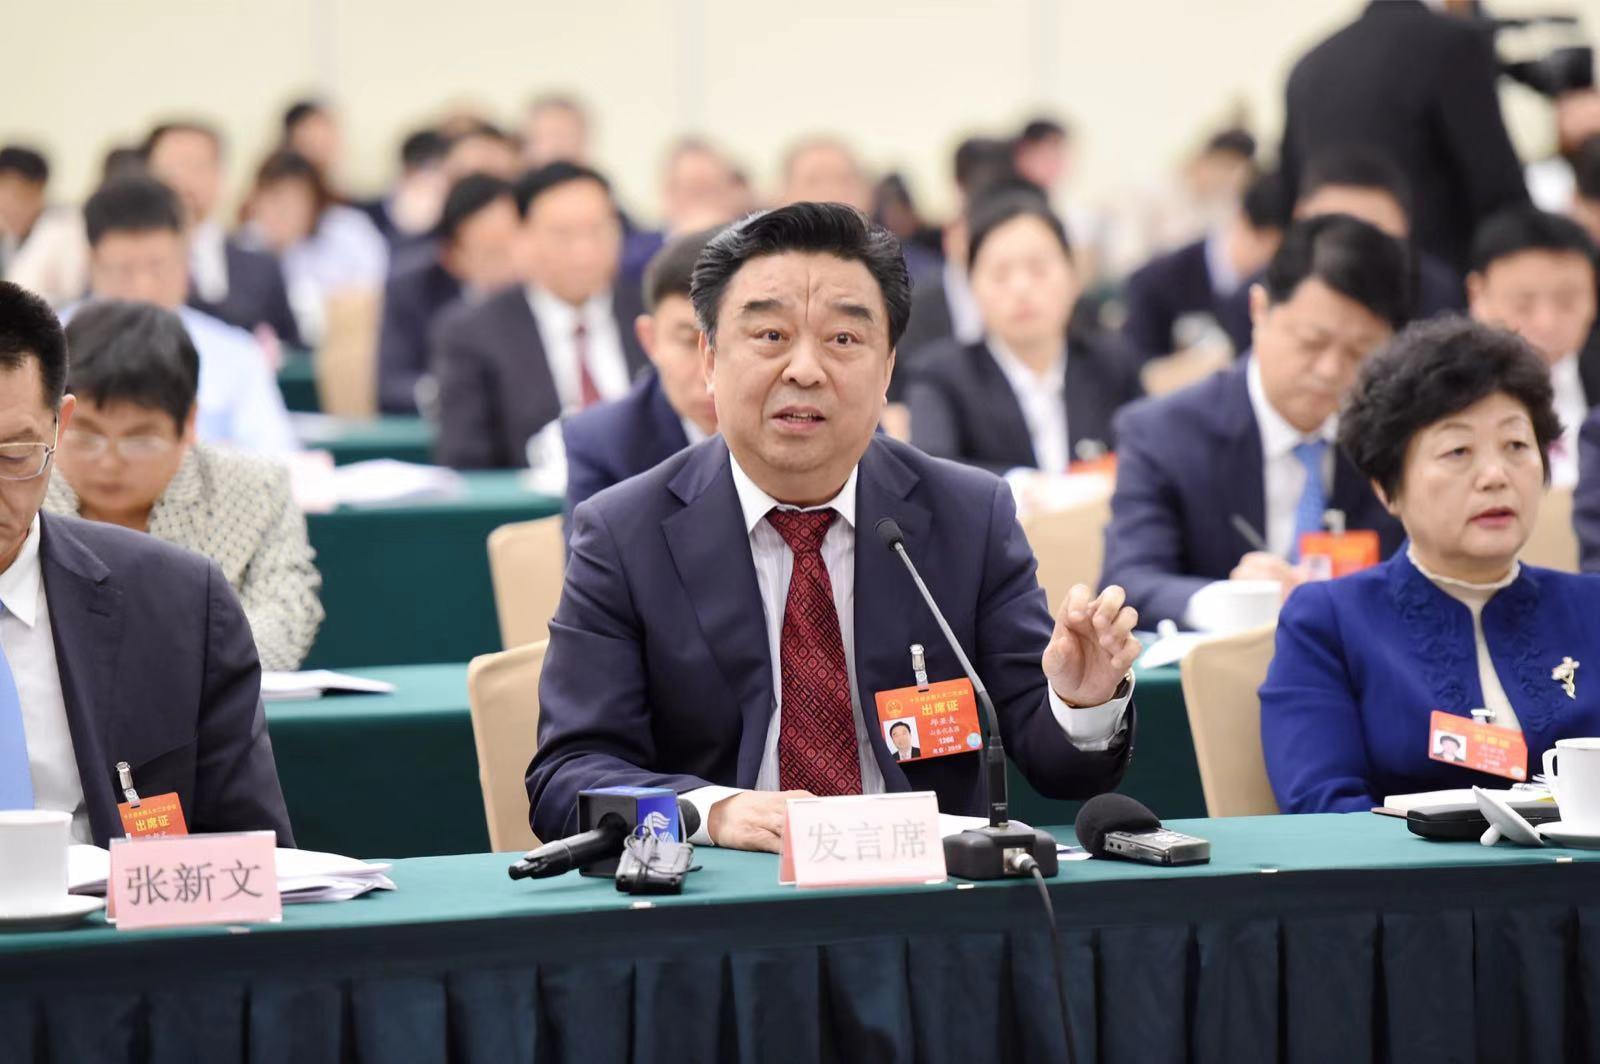 全国人大代表邱亚夫:以创新驱动新动能 加大对传统制造业改造提升